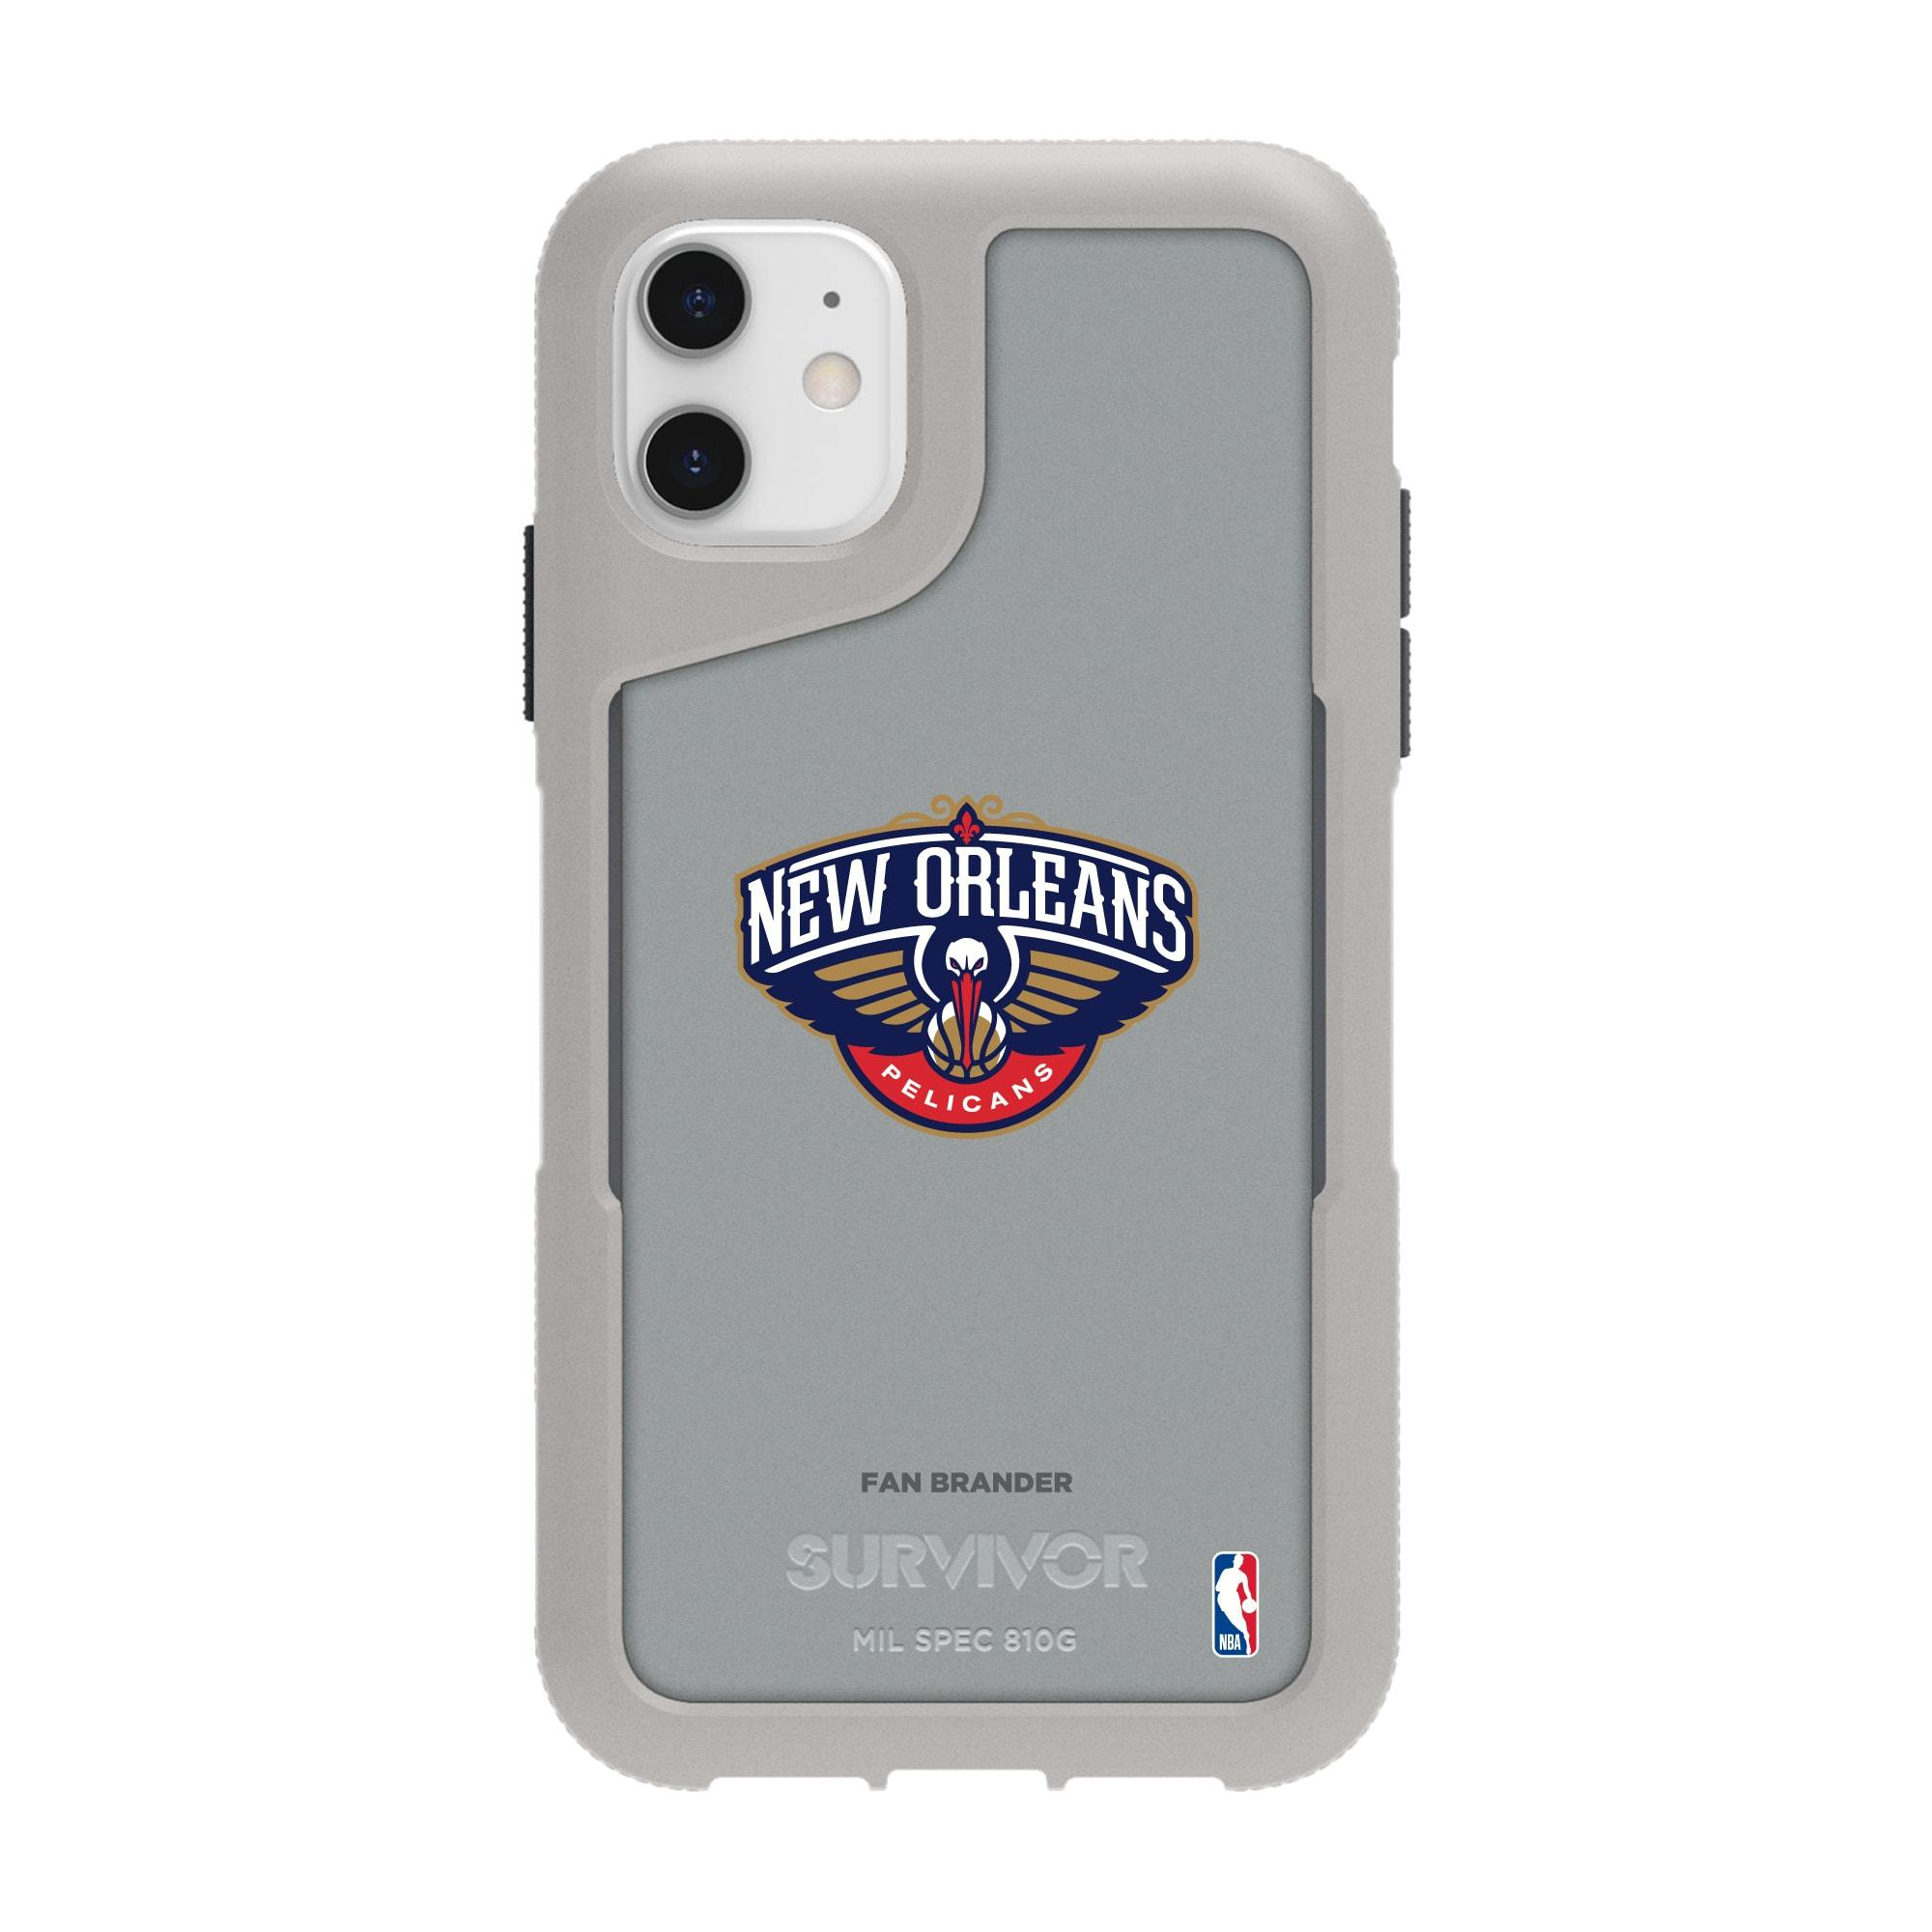 New Orleans Pelicans Griffin Survivor Endurance iPhone Case - Gray